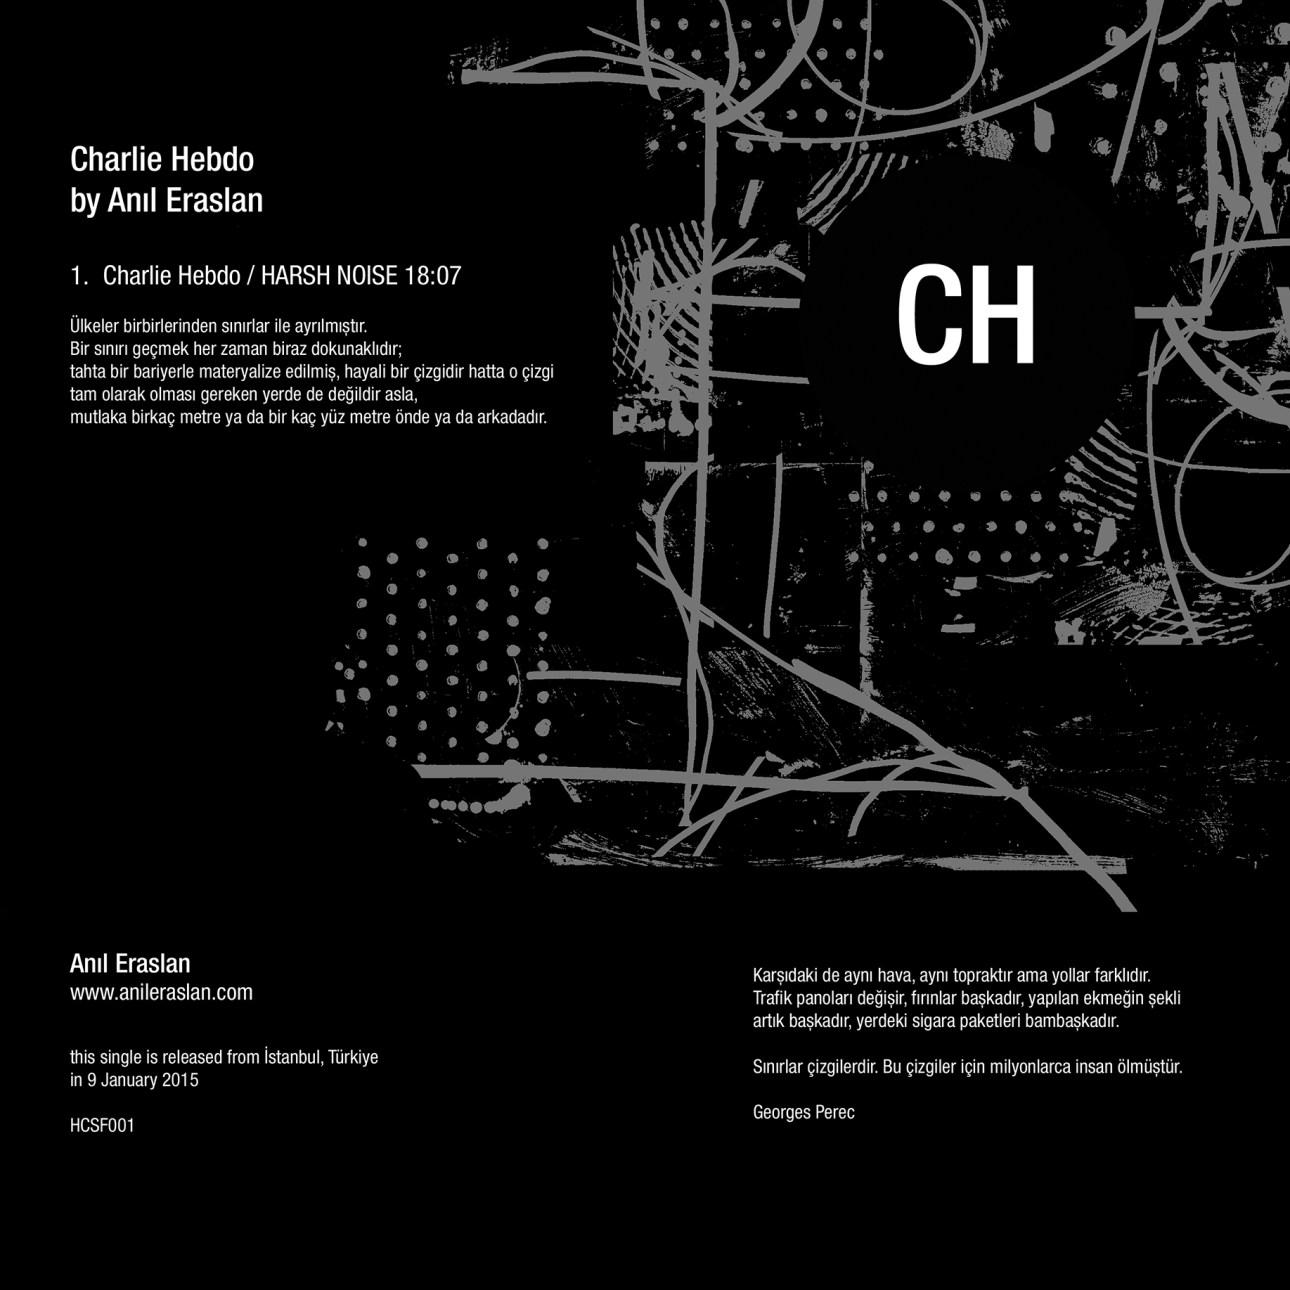 [Anıl Eraslan] - CH - Charlie Hebdo için Harsh Noise 2